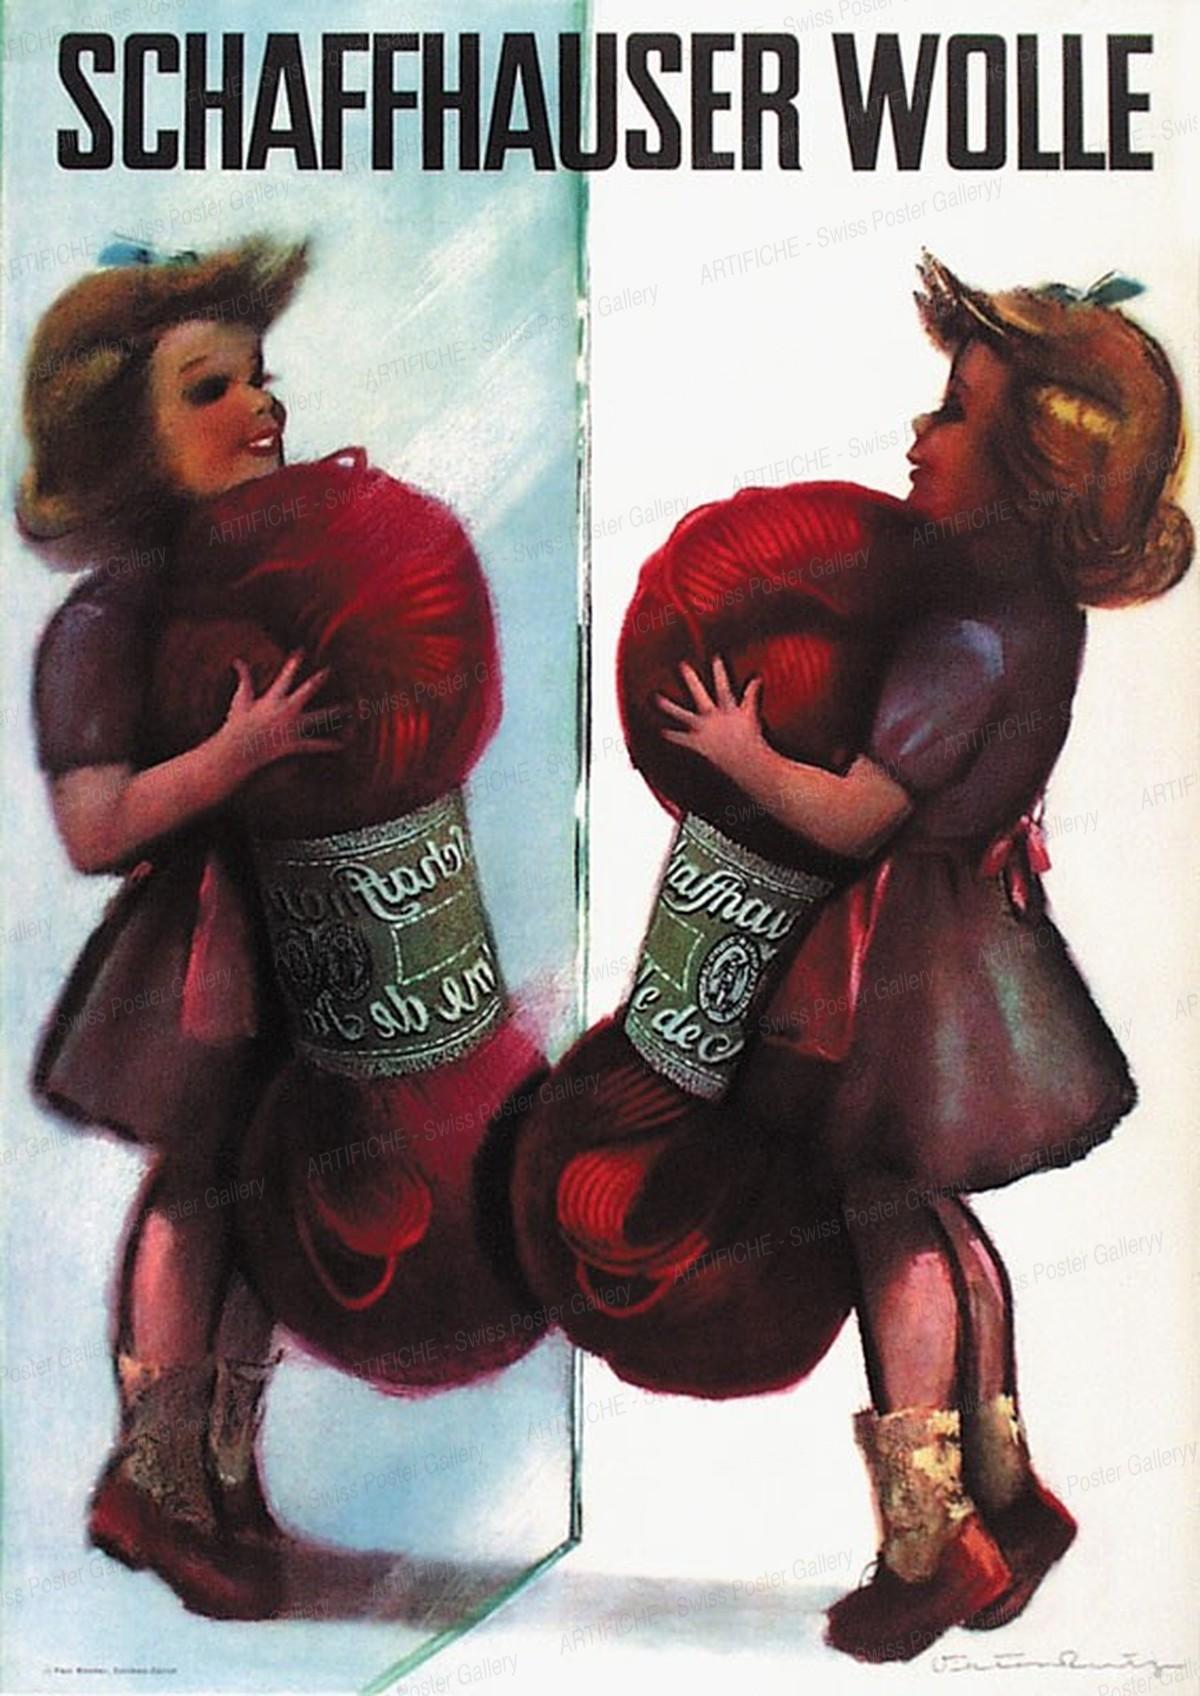 Wool of Schaffhouse, Viktor Rutz